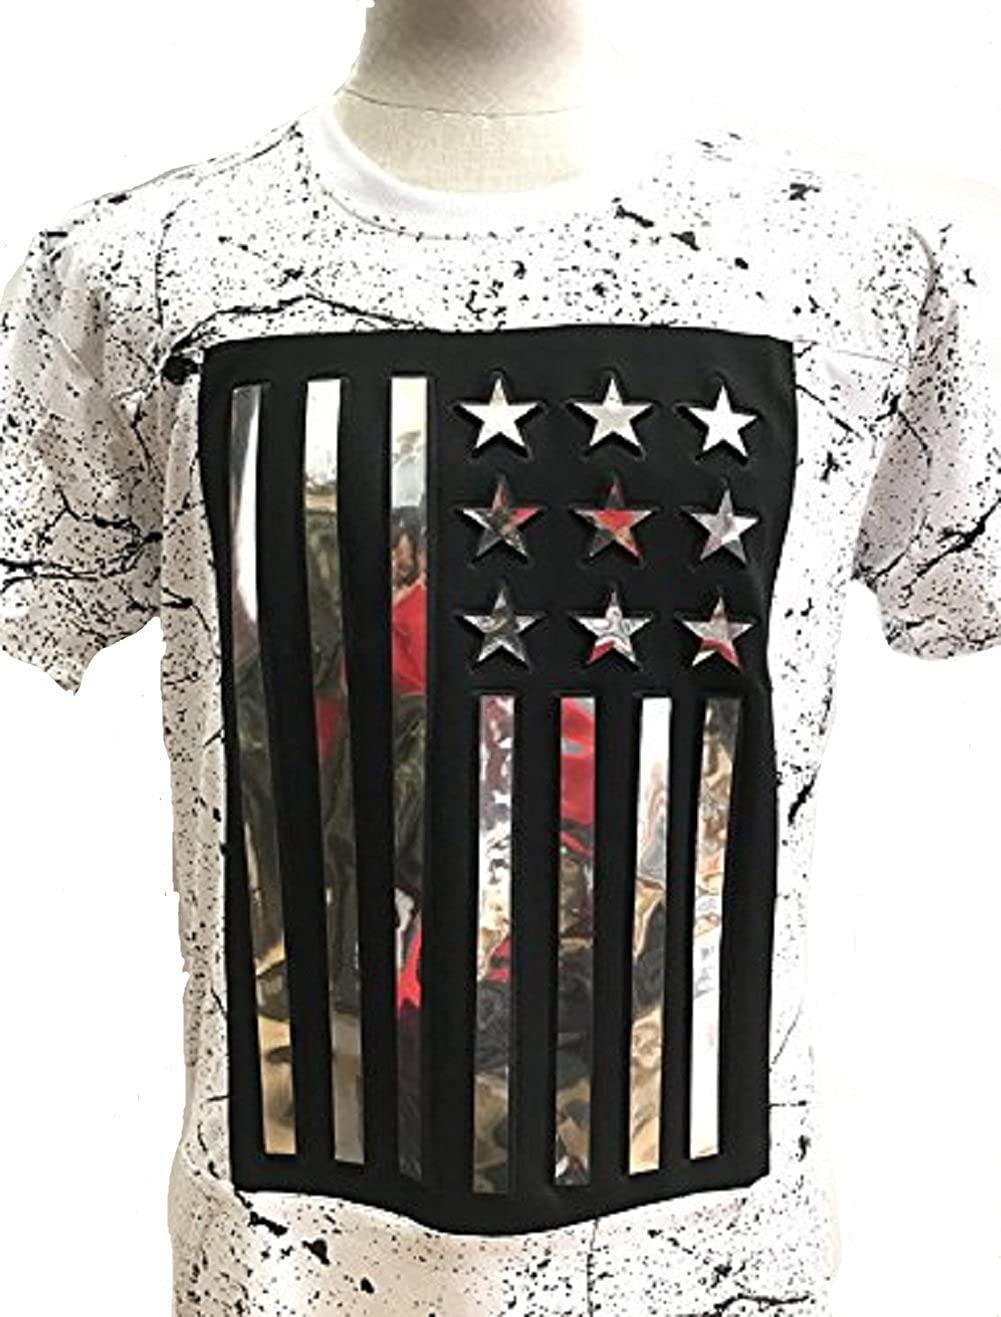 IAIN'S Clothing Inc. T-shirt (Small)